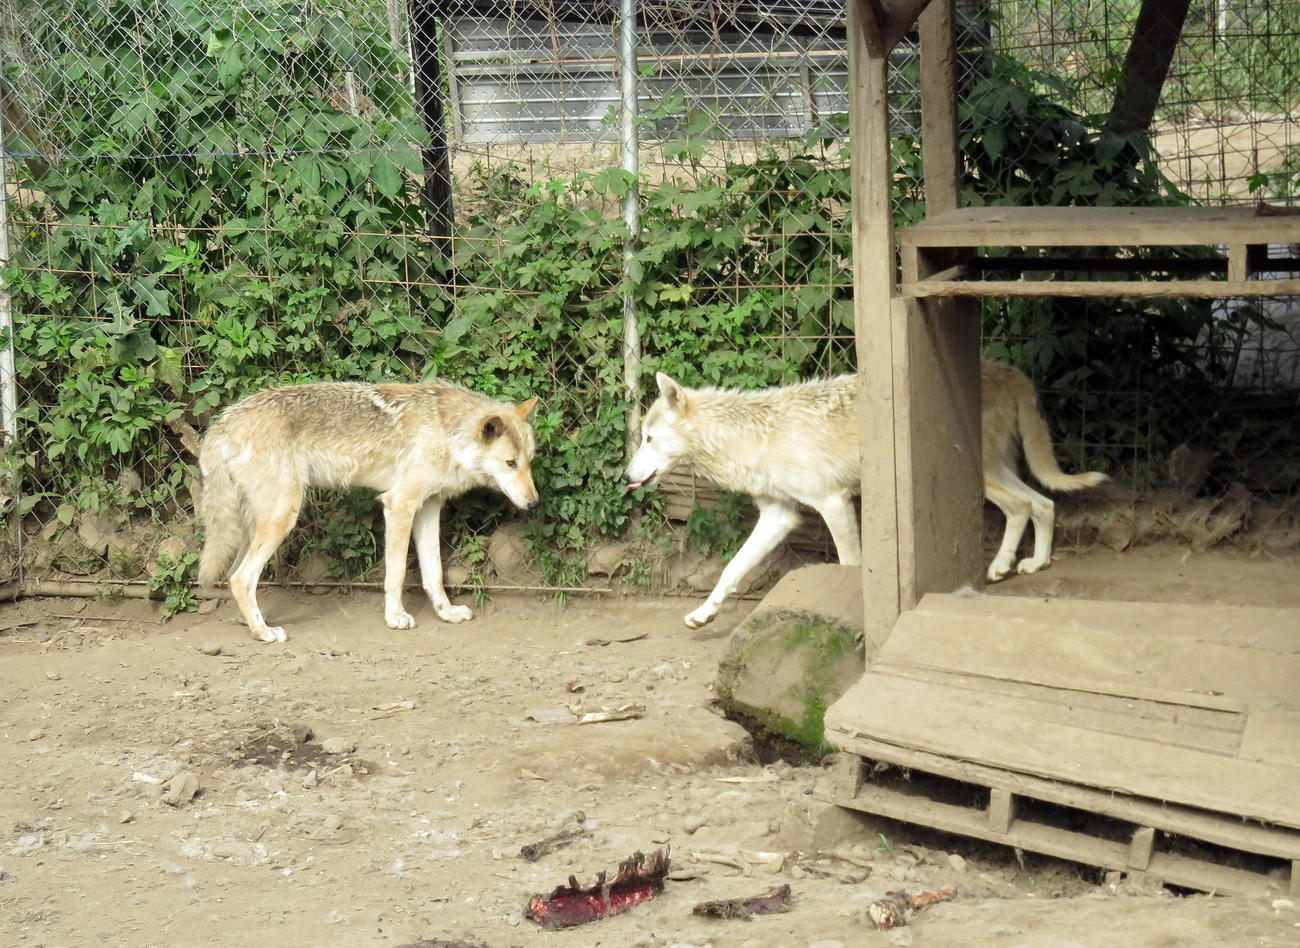 無事に捕獲されて犬舎に戻った2頭のオオカミ犬(撮影・鎌田直秀)